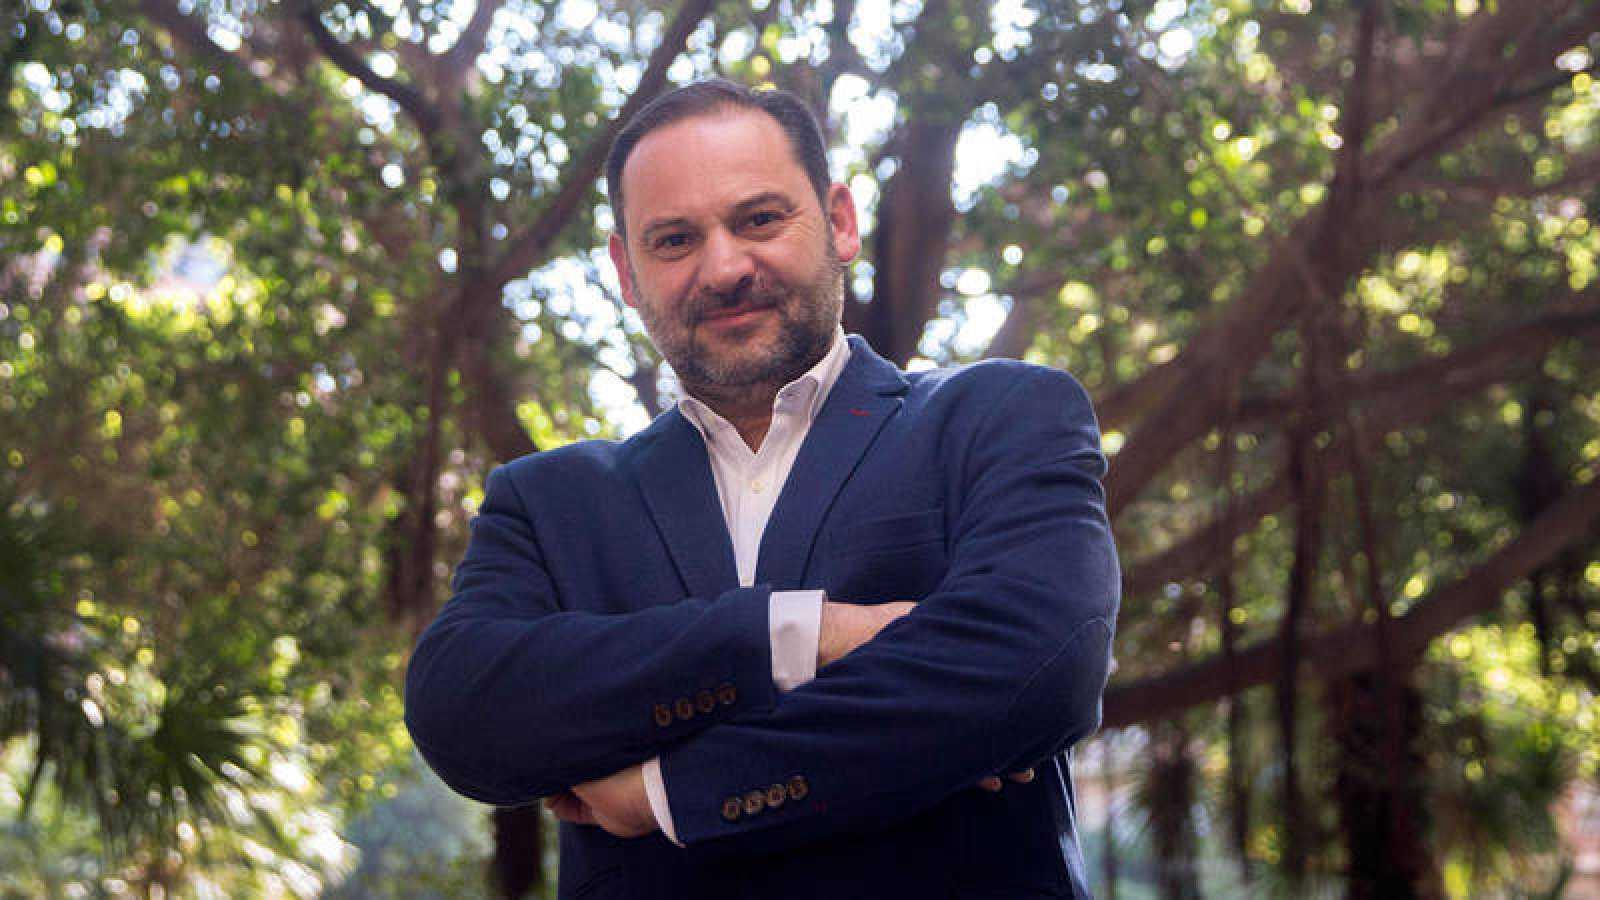 El portavoz y coordinador de la campaña de Pedro Sánchez, el diputado por Valencia José Luis Ábalos